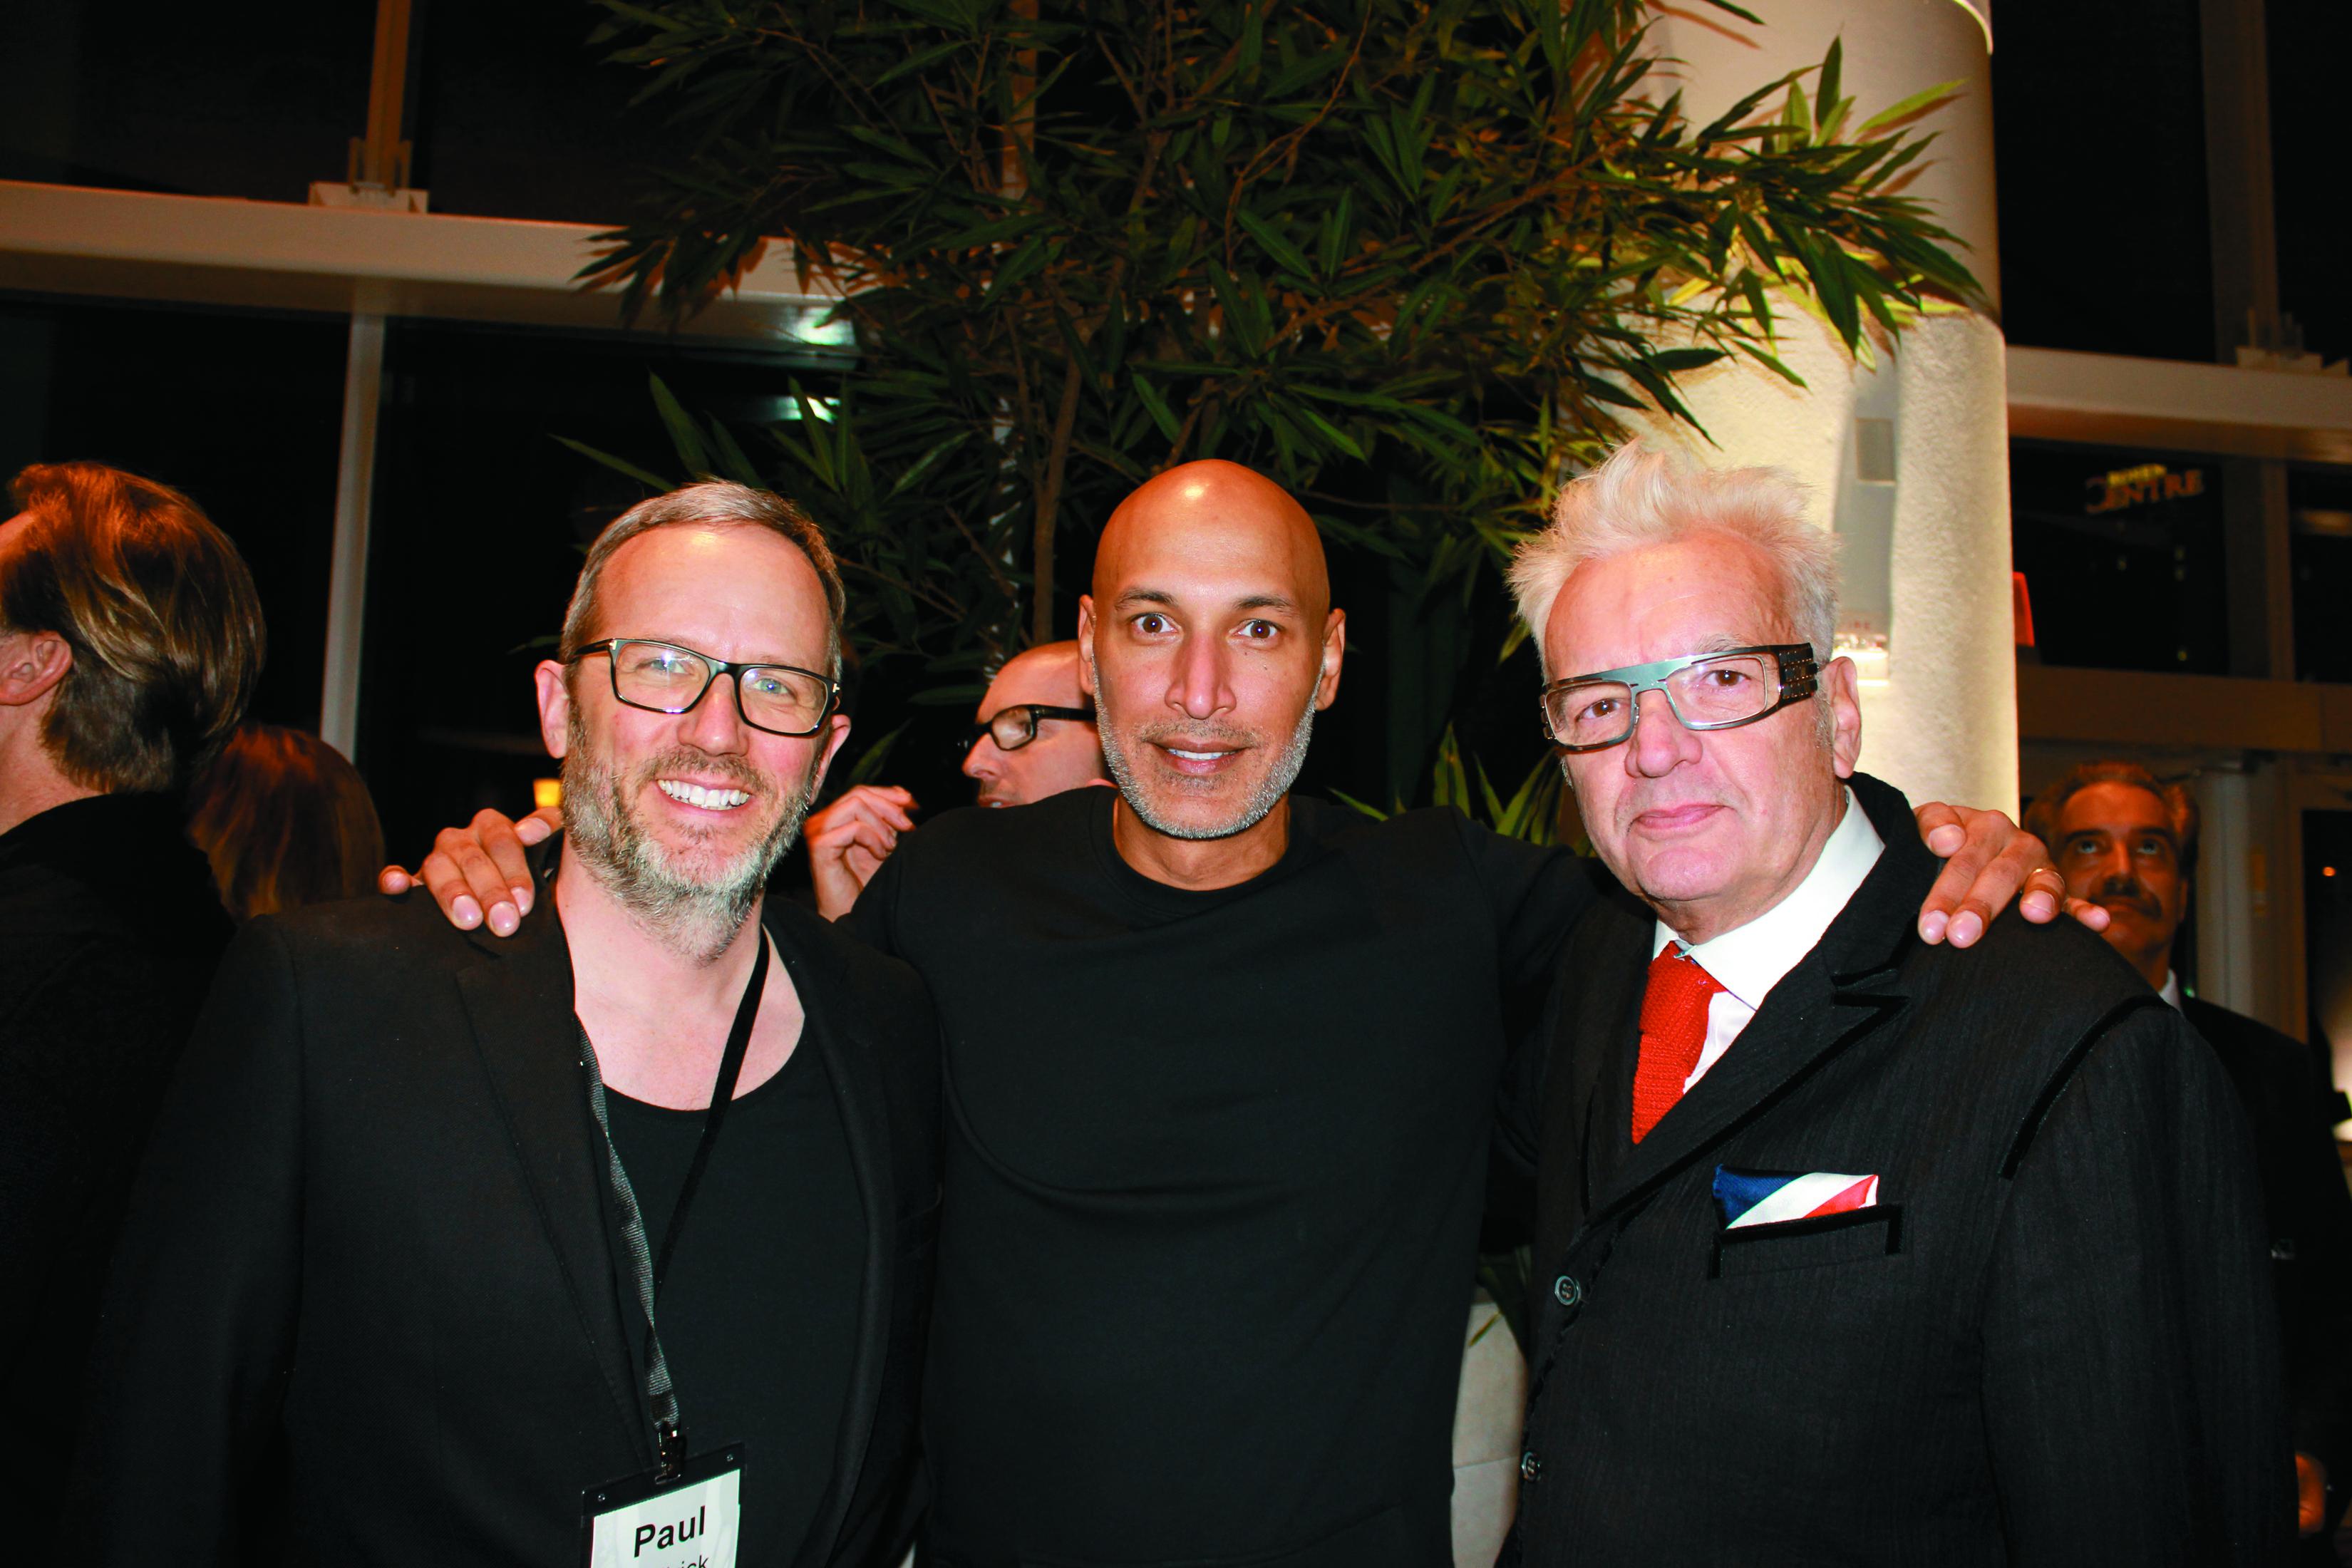 Matrix Artistic Directors Daniel Roldan and Nicholas French